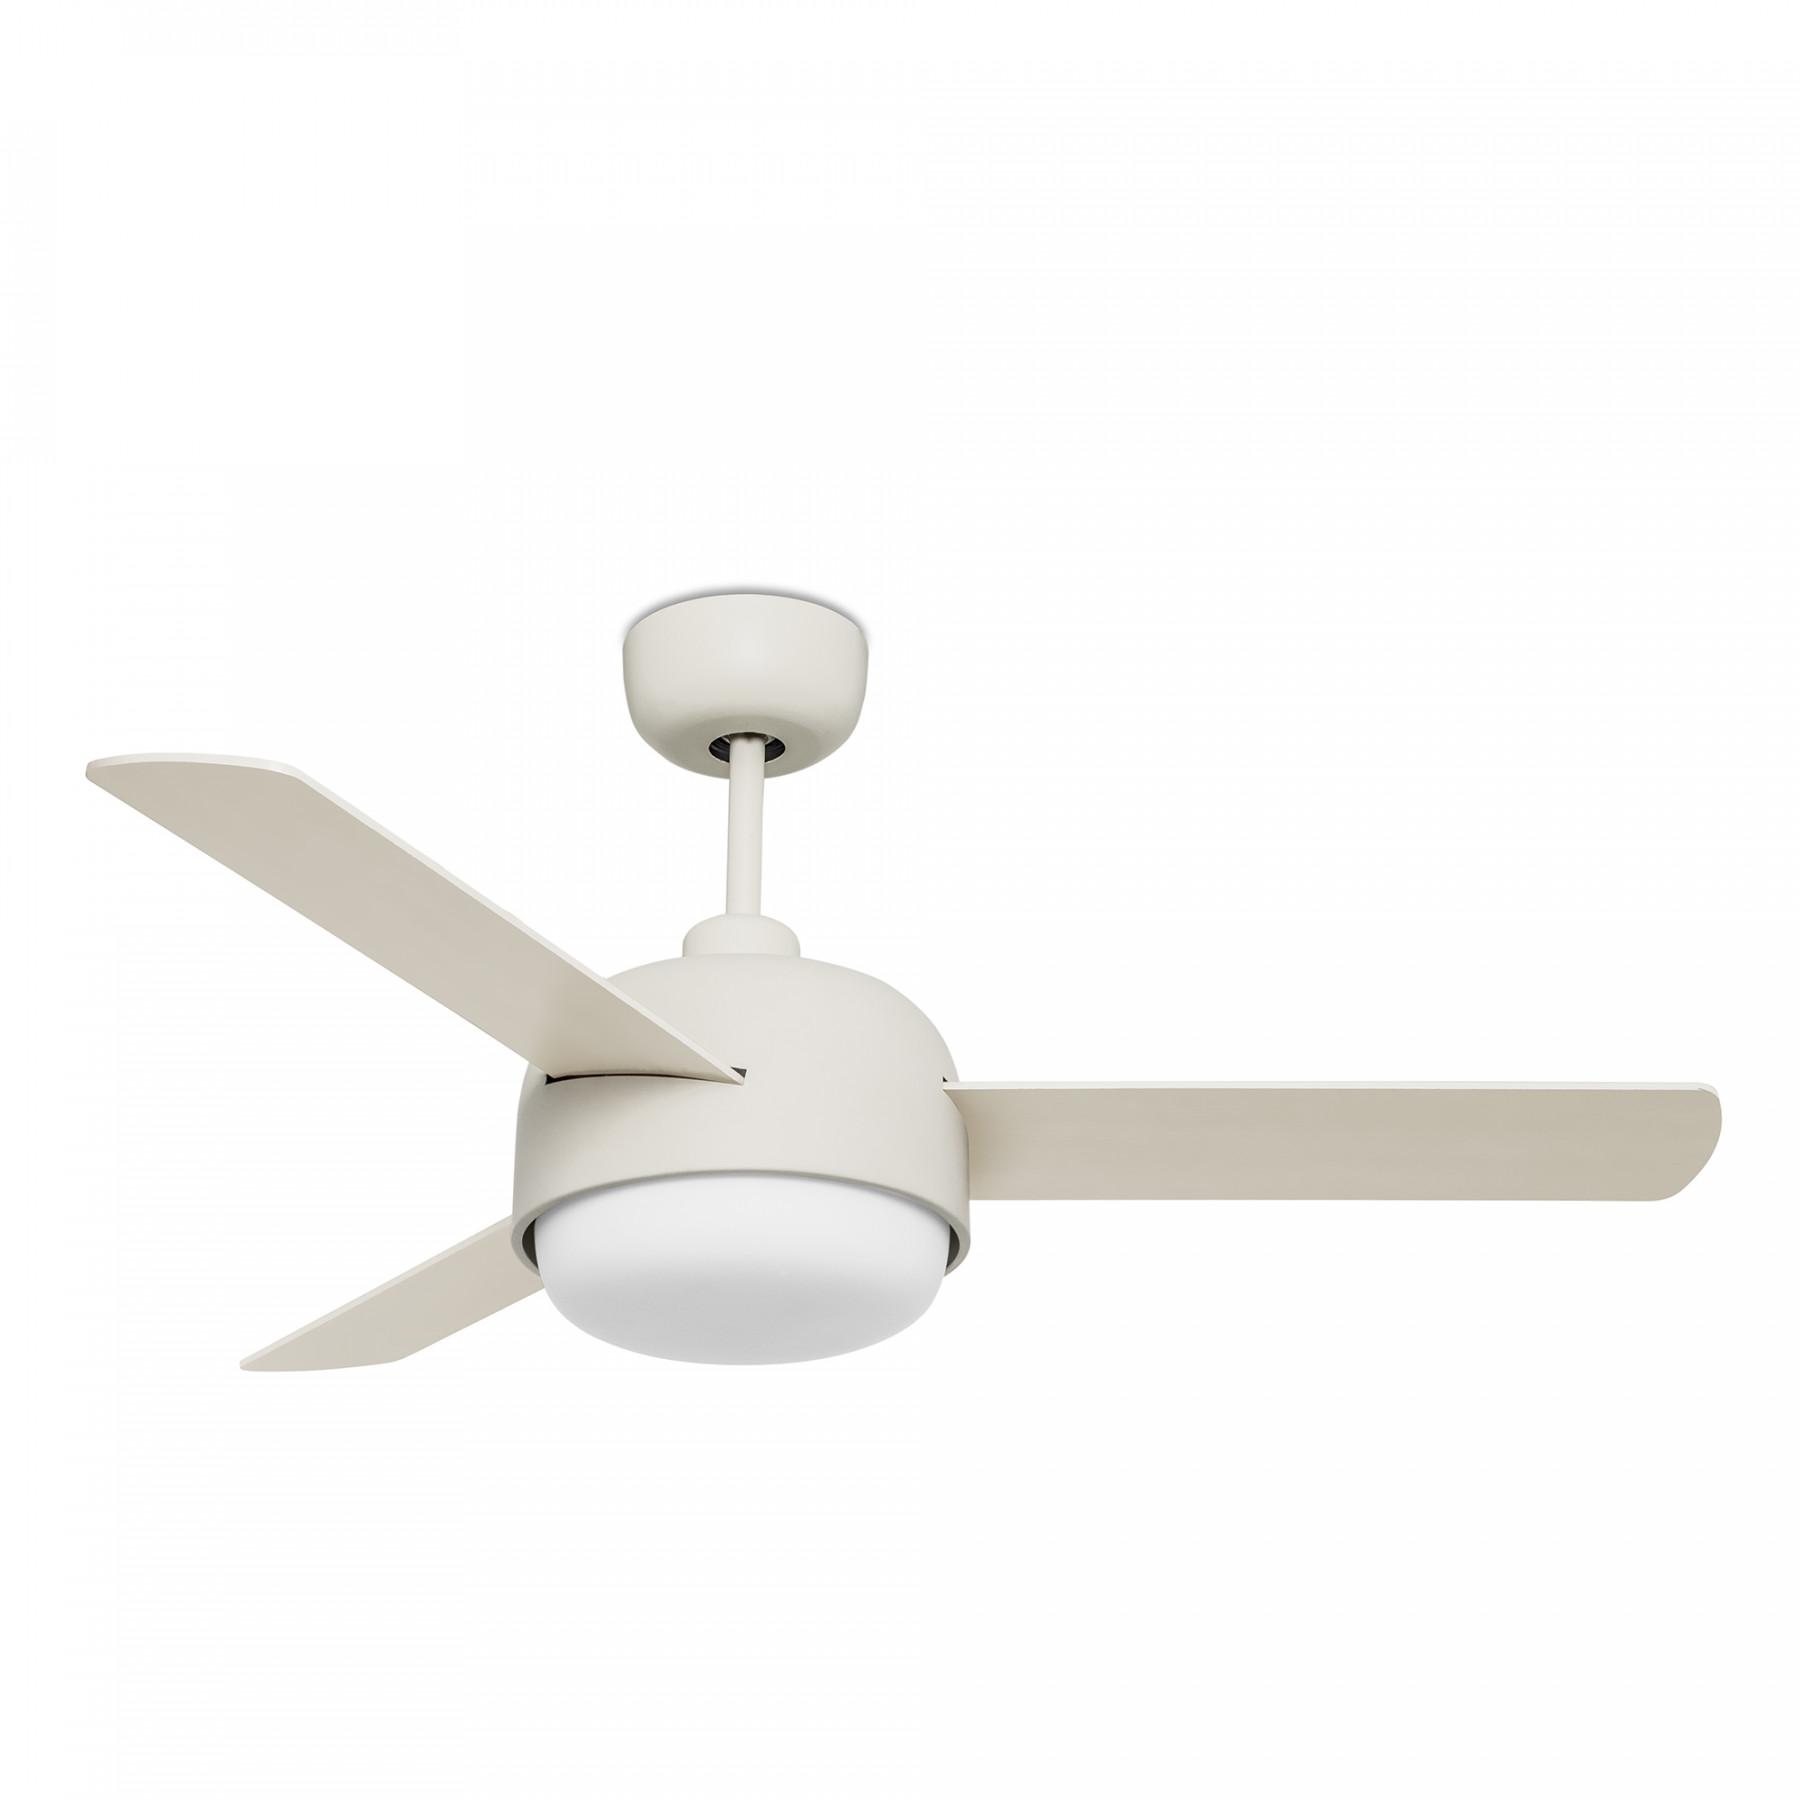 Ventilateur de plafond klar silencieux finition au choix - Ventilateur de plafond sans luminaire ...